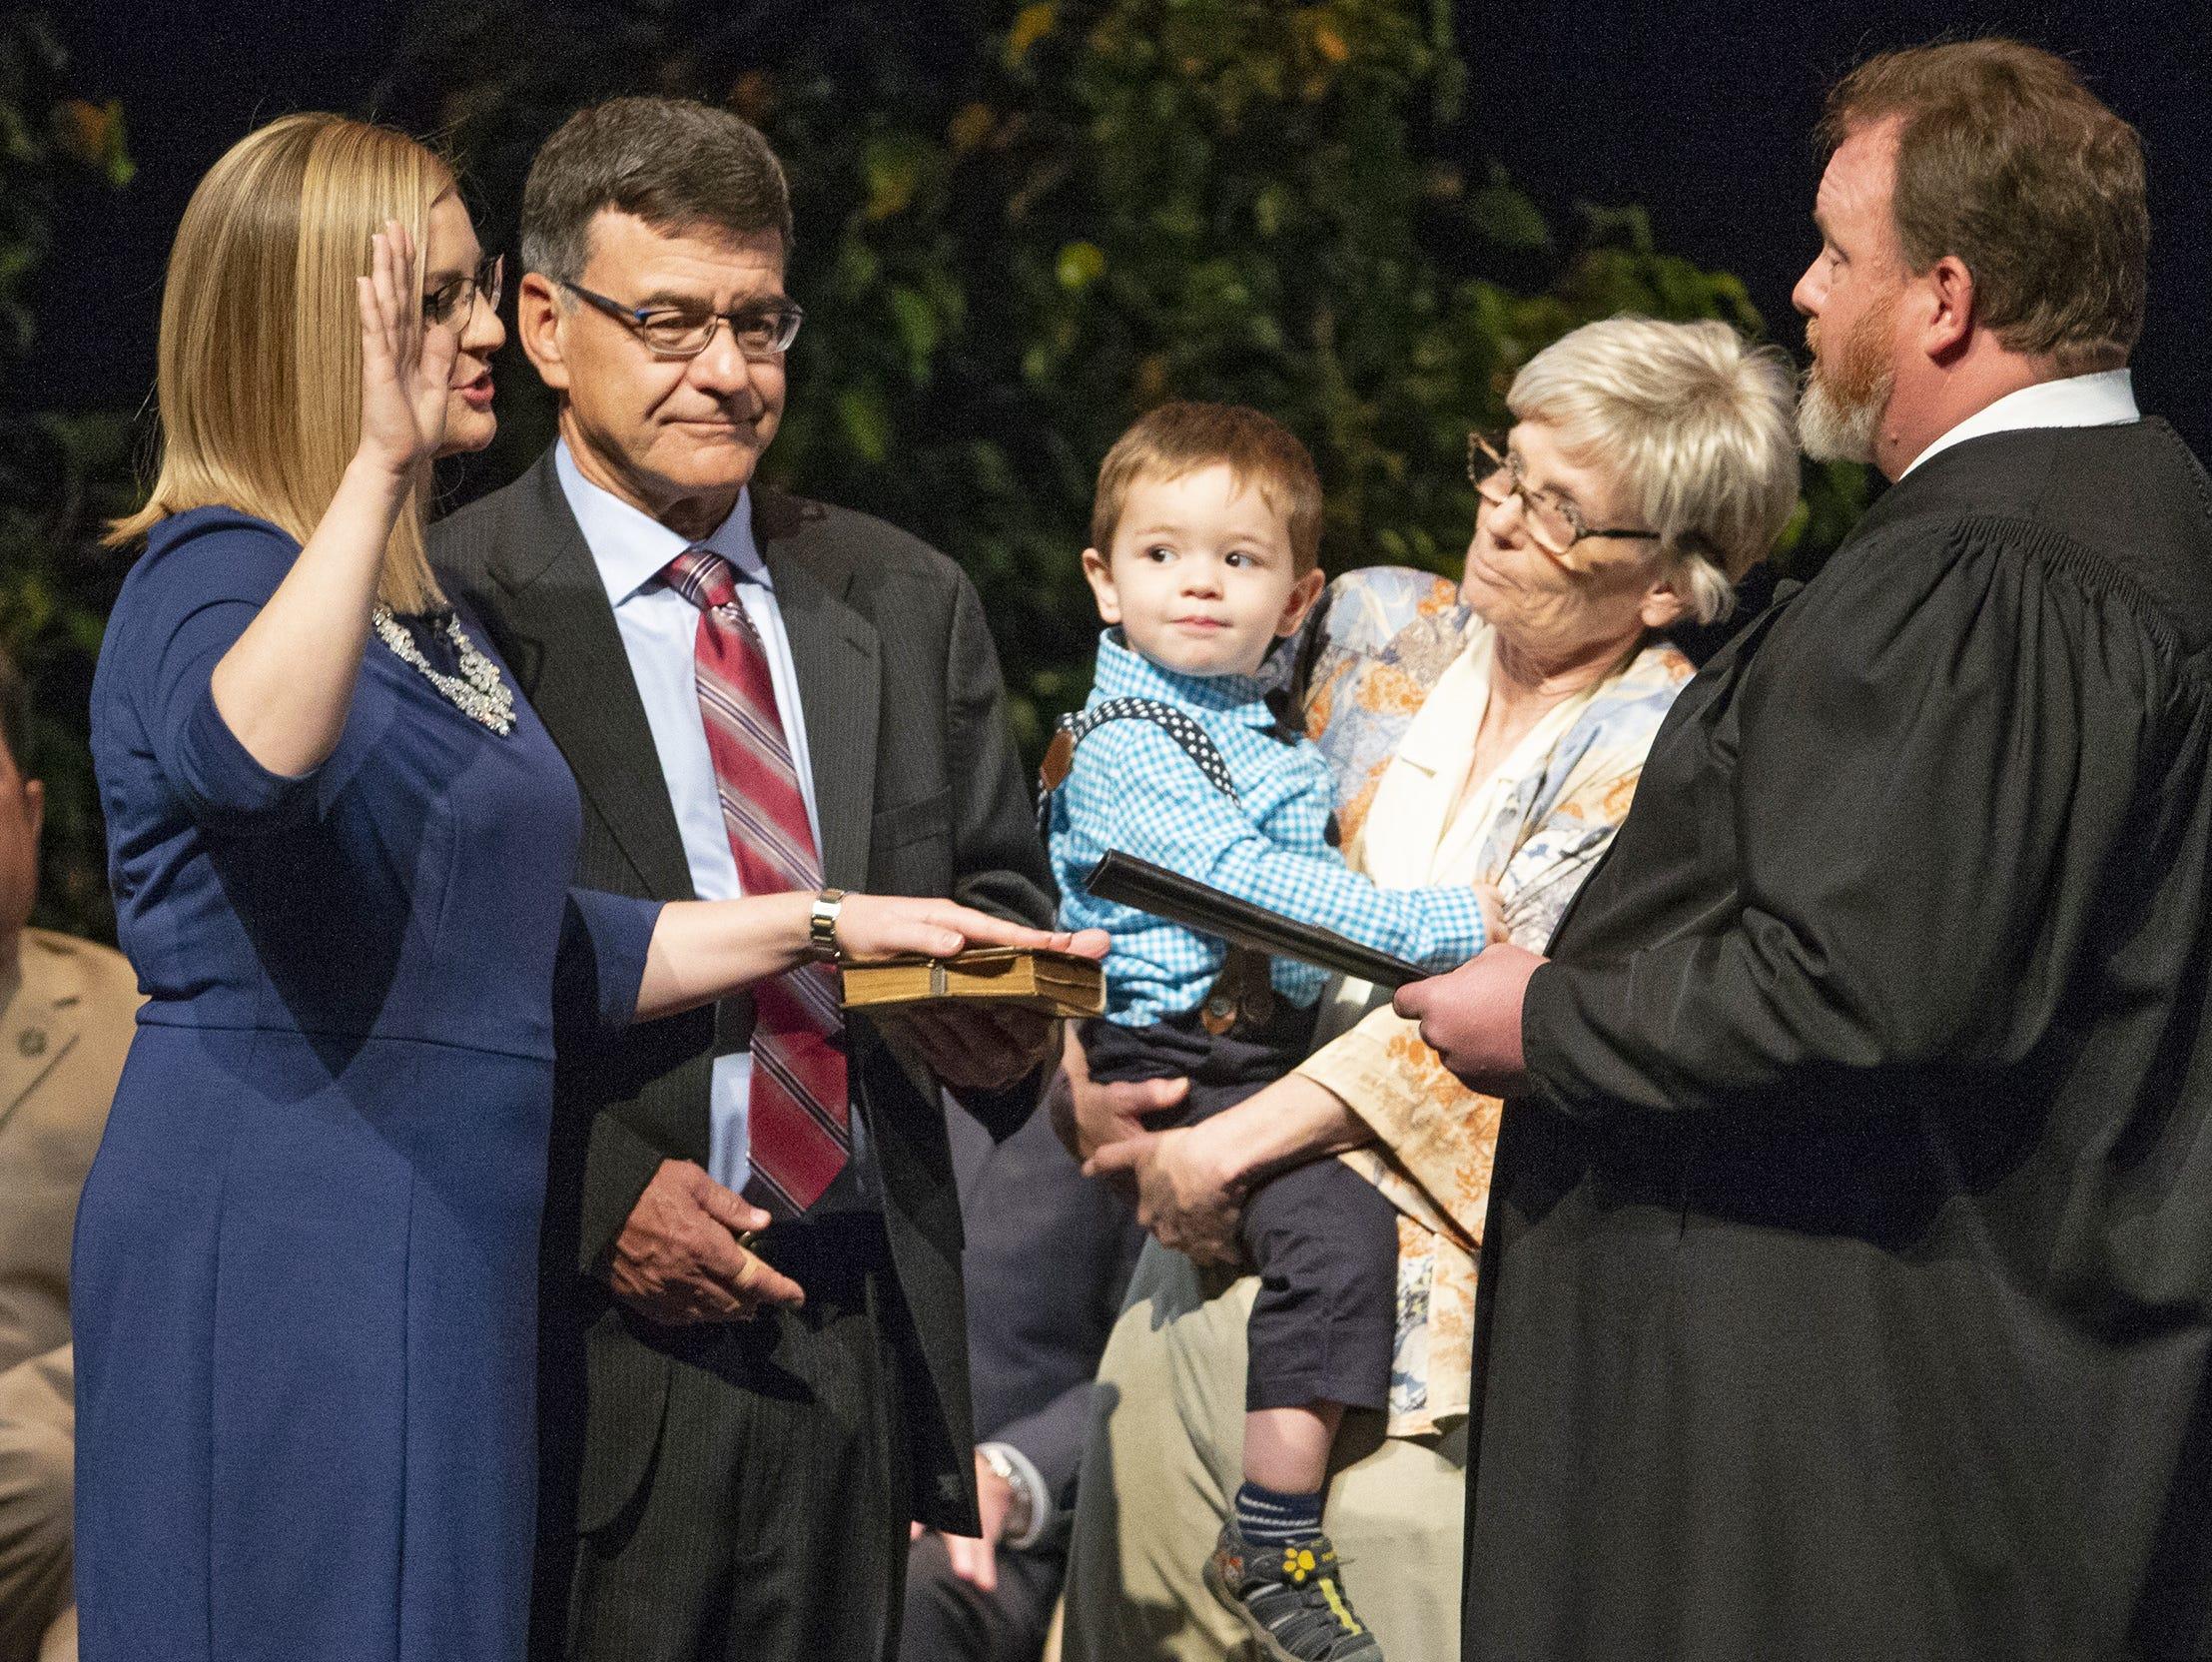 Kate Gallego acompañada de sus padres y su hijo Michael, recibe la juramentación como nueva alcaldesa de Phoenix por parte del Juez B. Don Taylor III,  durante la ceremonia inaugural celebrada el 21 de marzo de 2019, en el Orpheum Theatre.